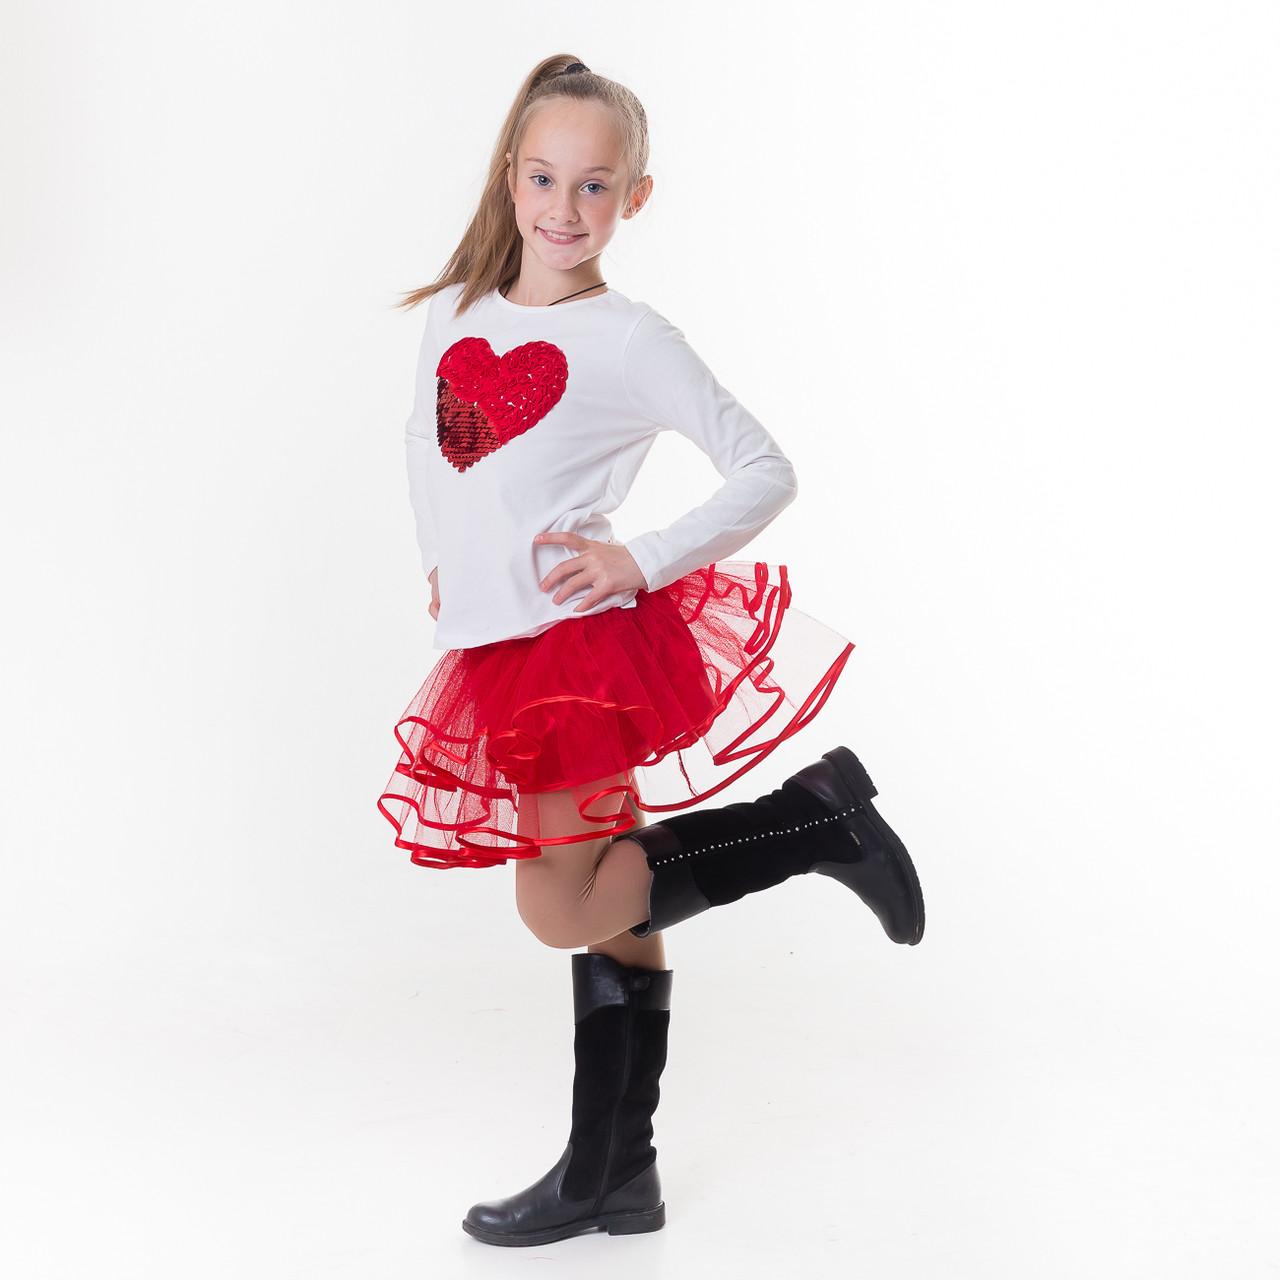 f7e18ed21 Пышная нарядная юбка для девочки - Интернет магазин детской одежды в Киеве